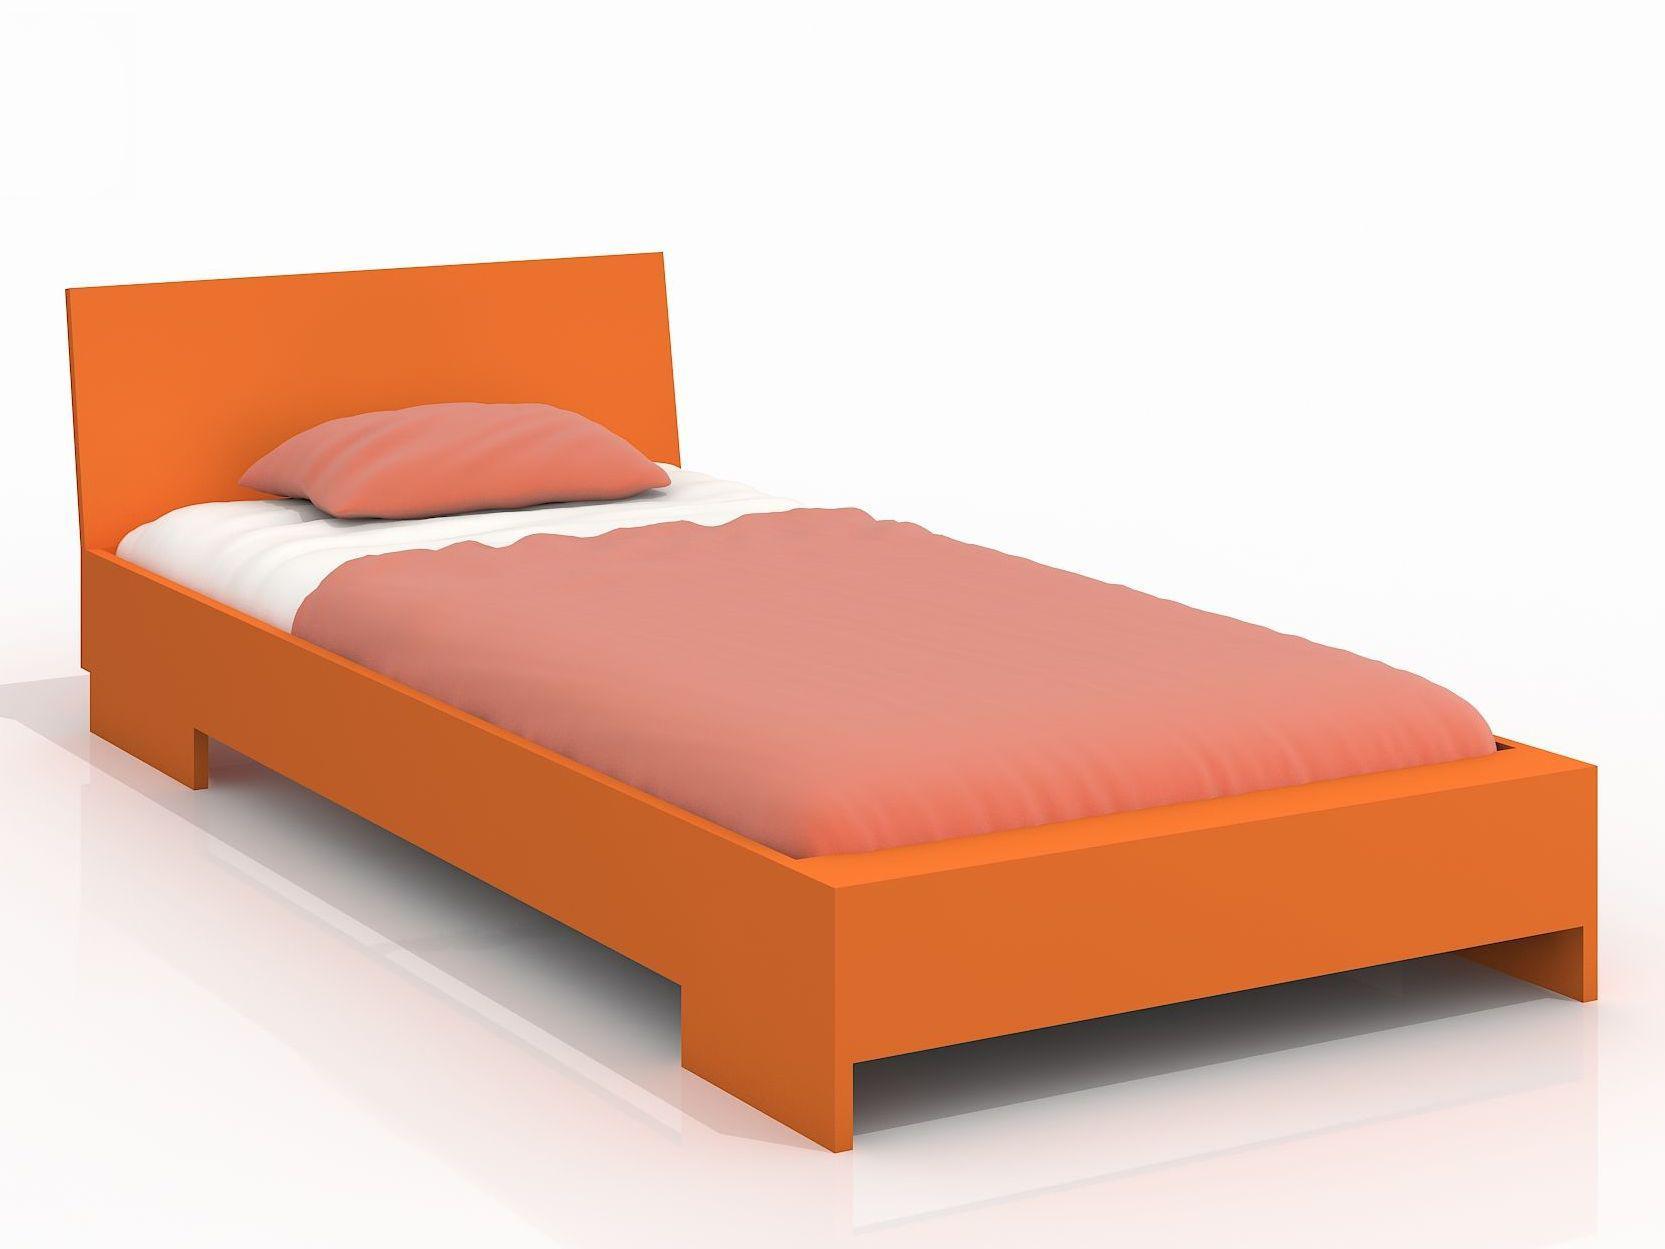 Jednolůžková postel 120 cm - Naturlig Kids - Lekanger (borovice) (s roštem)